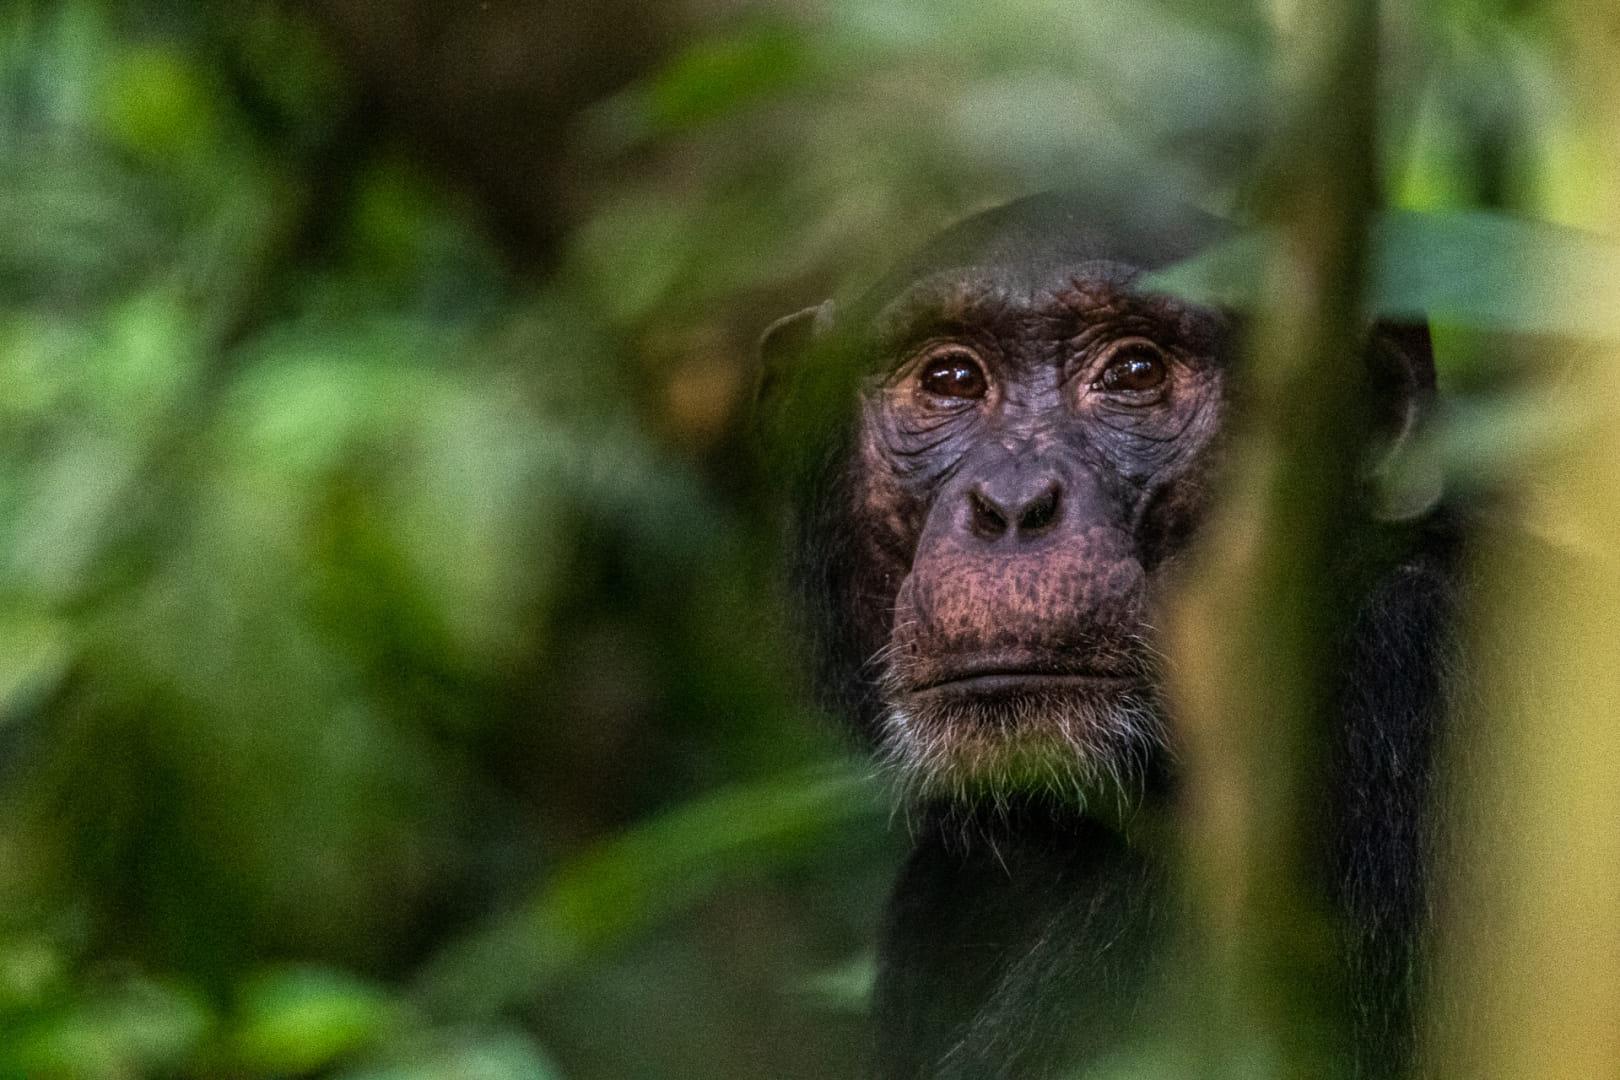 Los ojos tristes del chimpancé